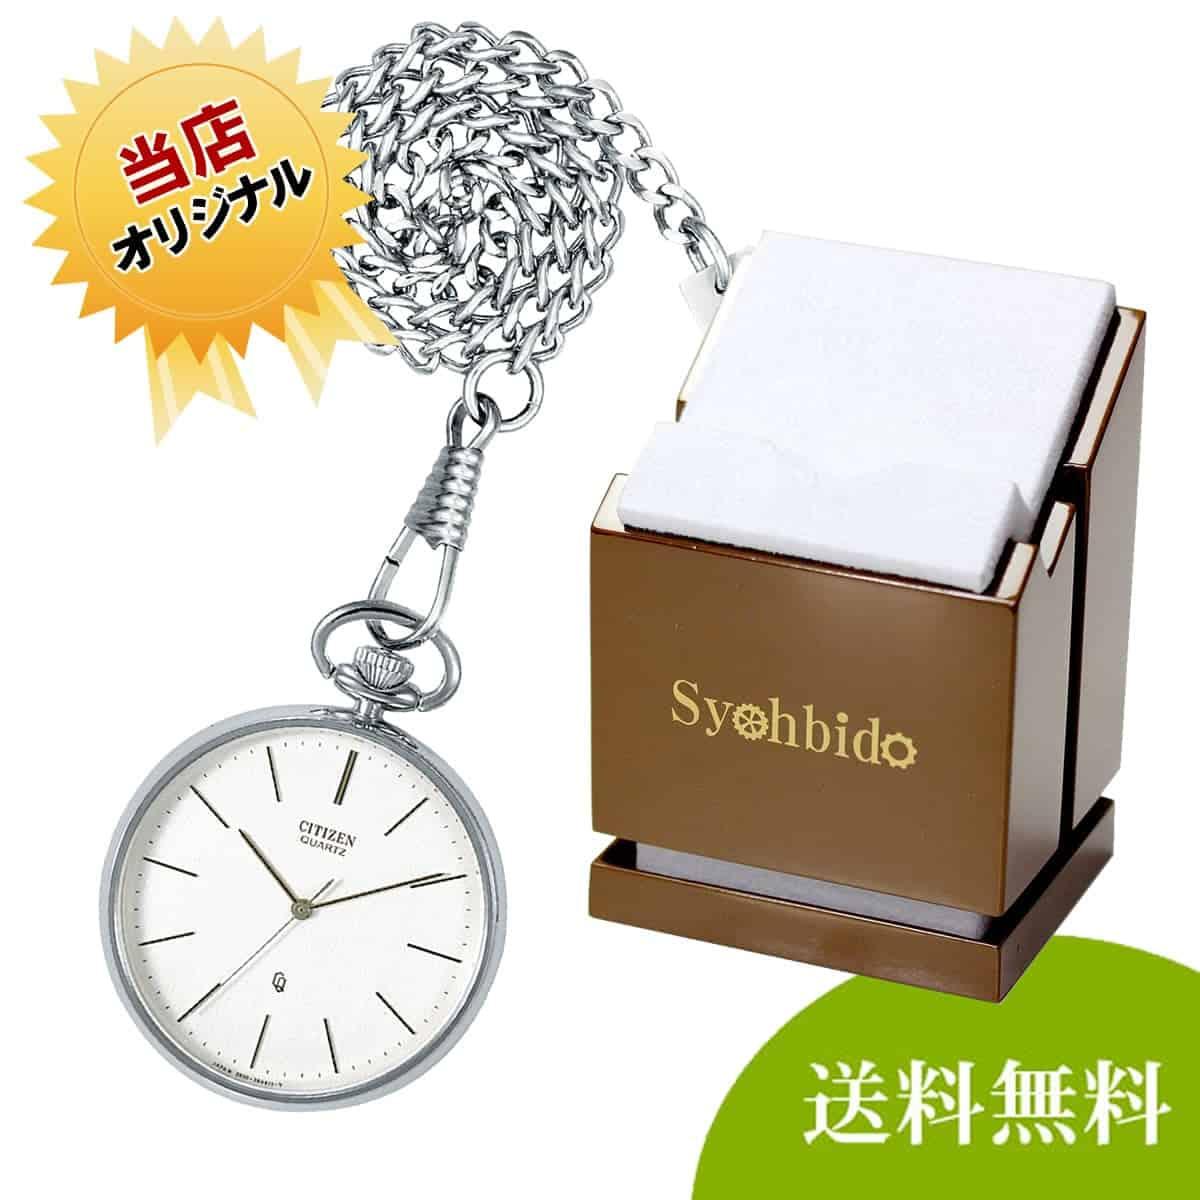 シチズン懐中時計と専用スタンドのセット